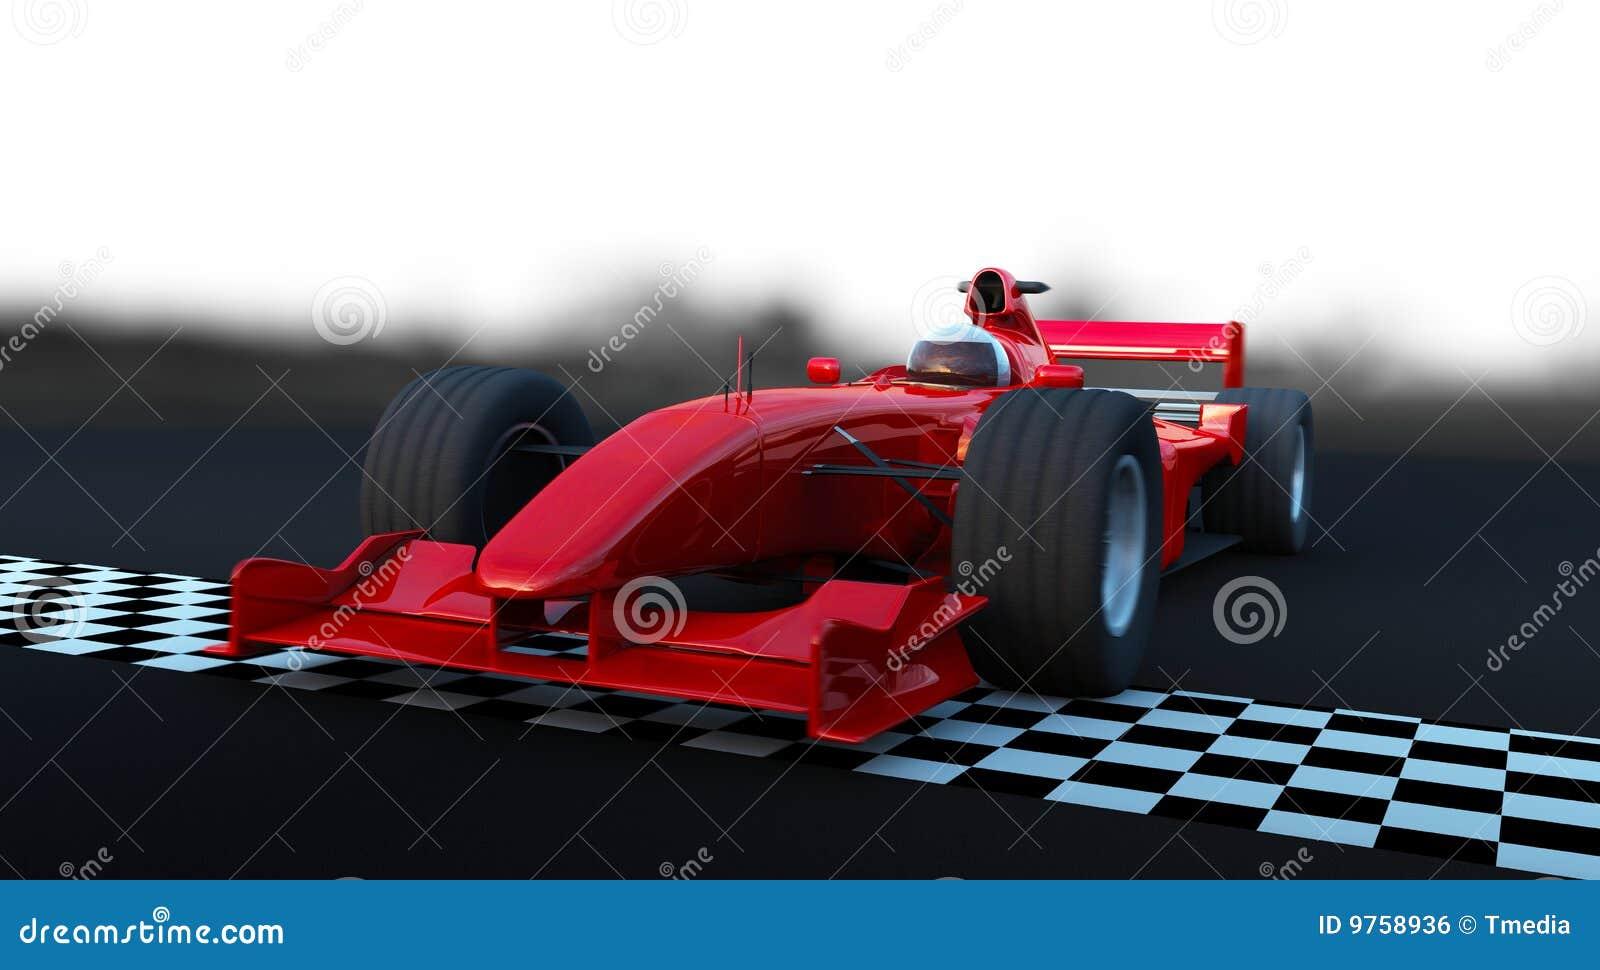 Rouge de véhicule de sport de la formule 1